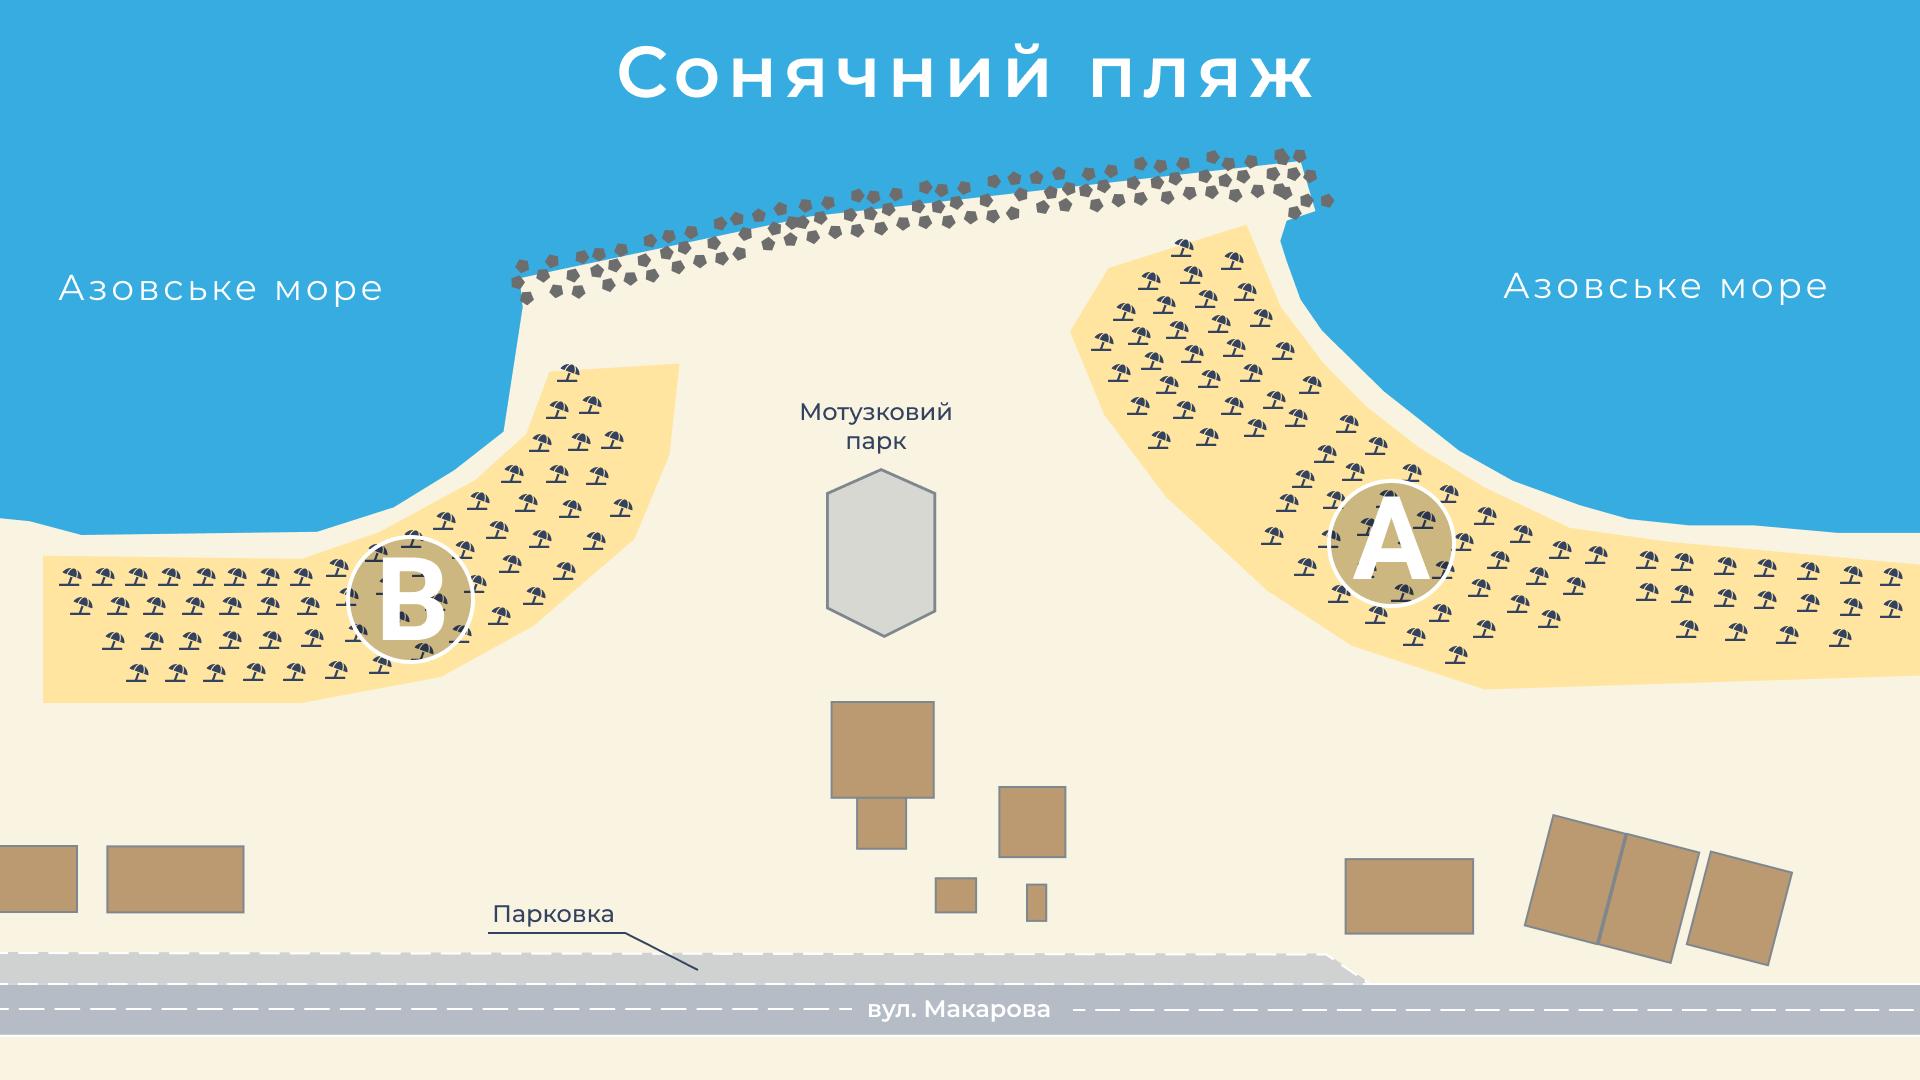 Сонячний пляж